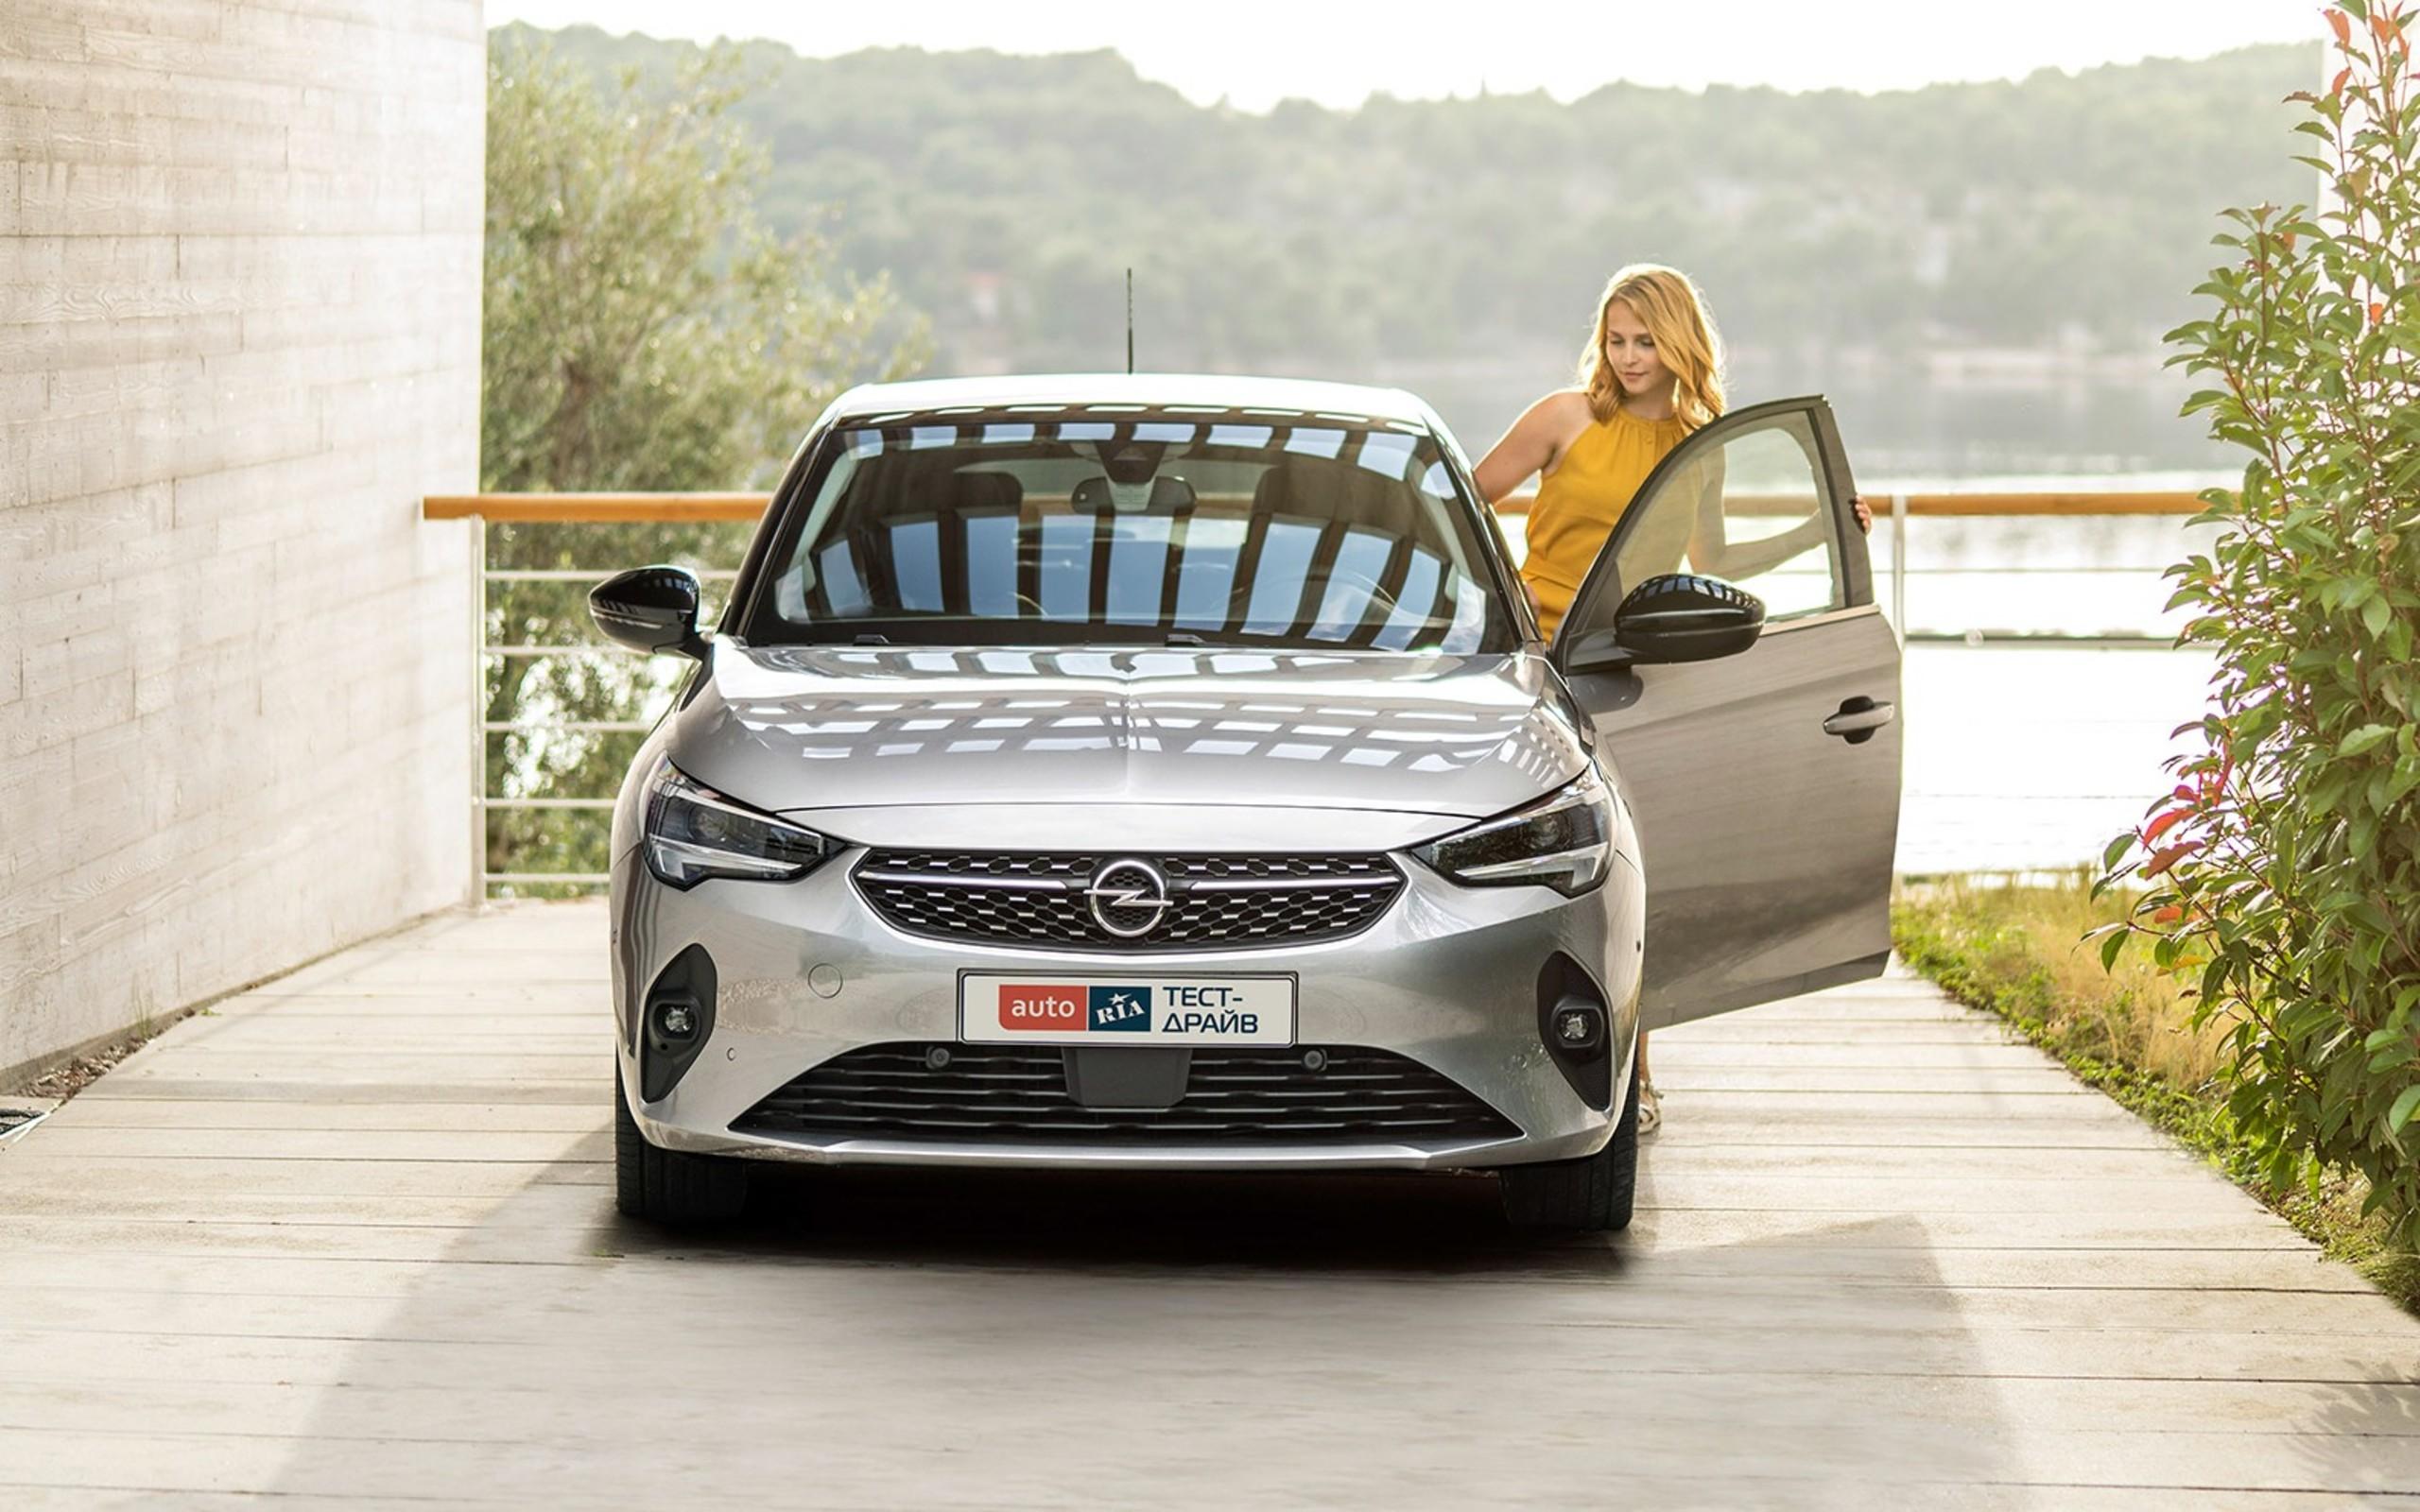 Тест-драйв Opel Corsa F. Німецький переклад